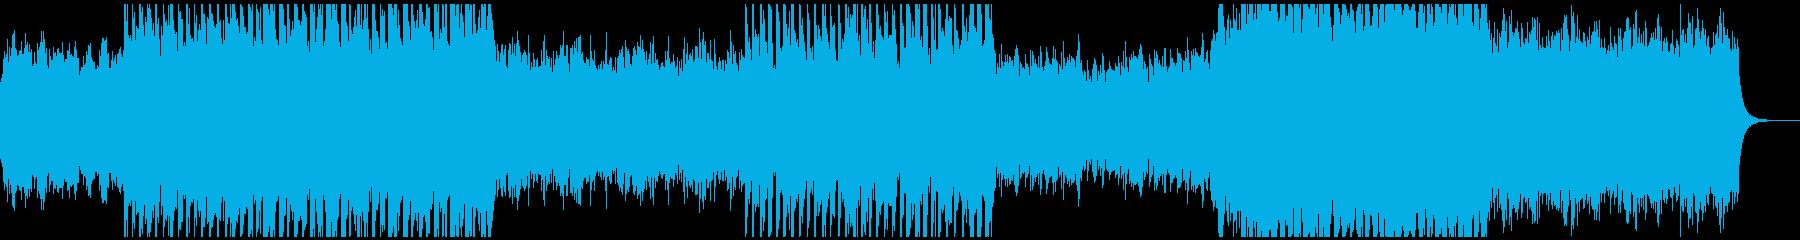 感動的で幸せな気持ちになるBGMの再生済みの波形